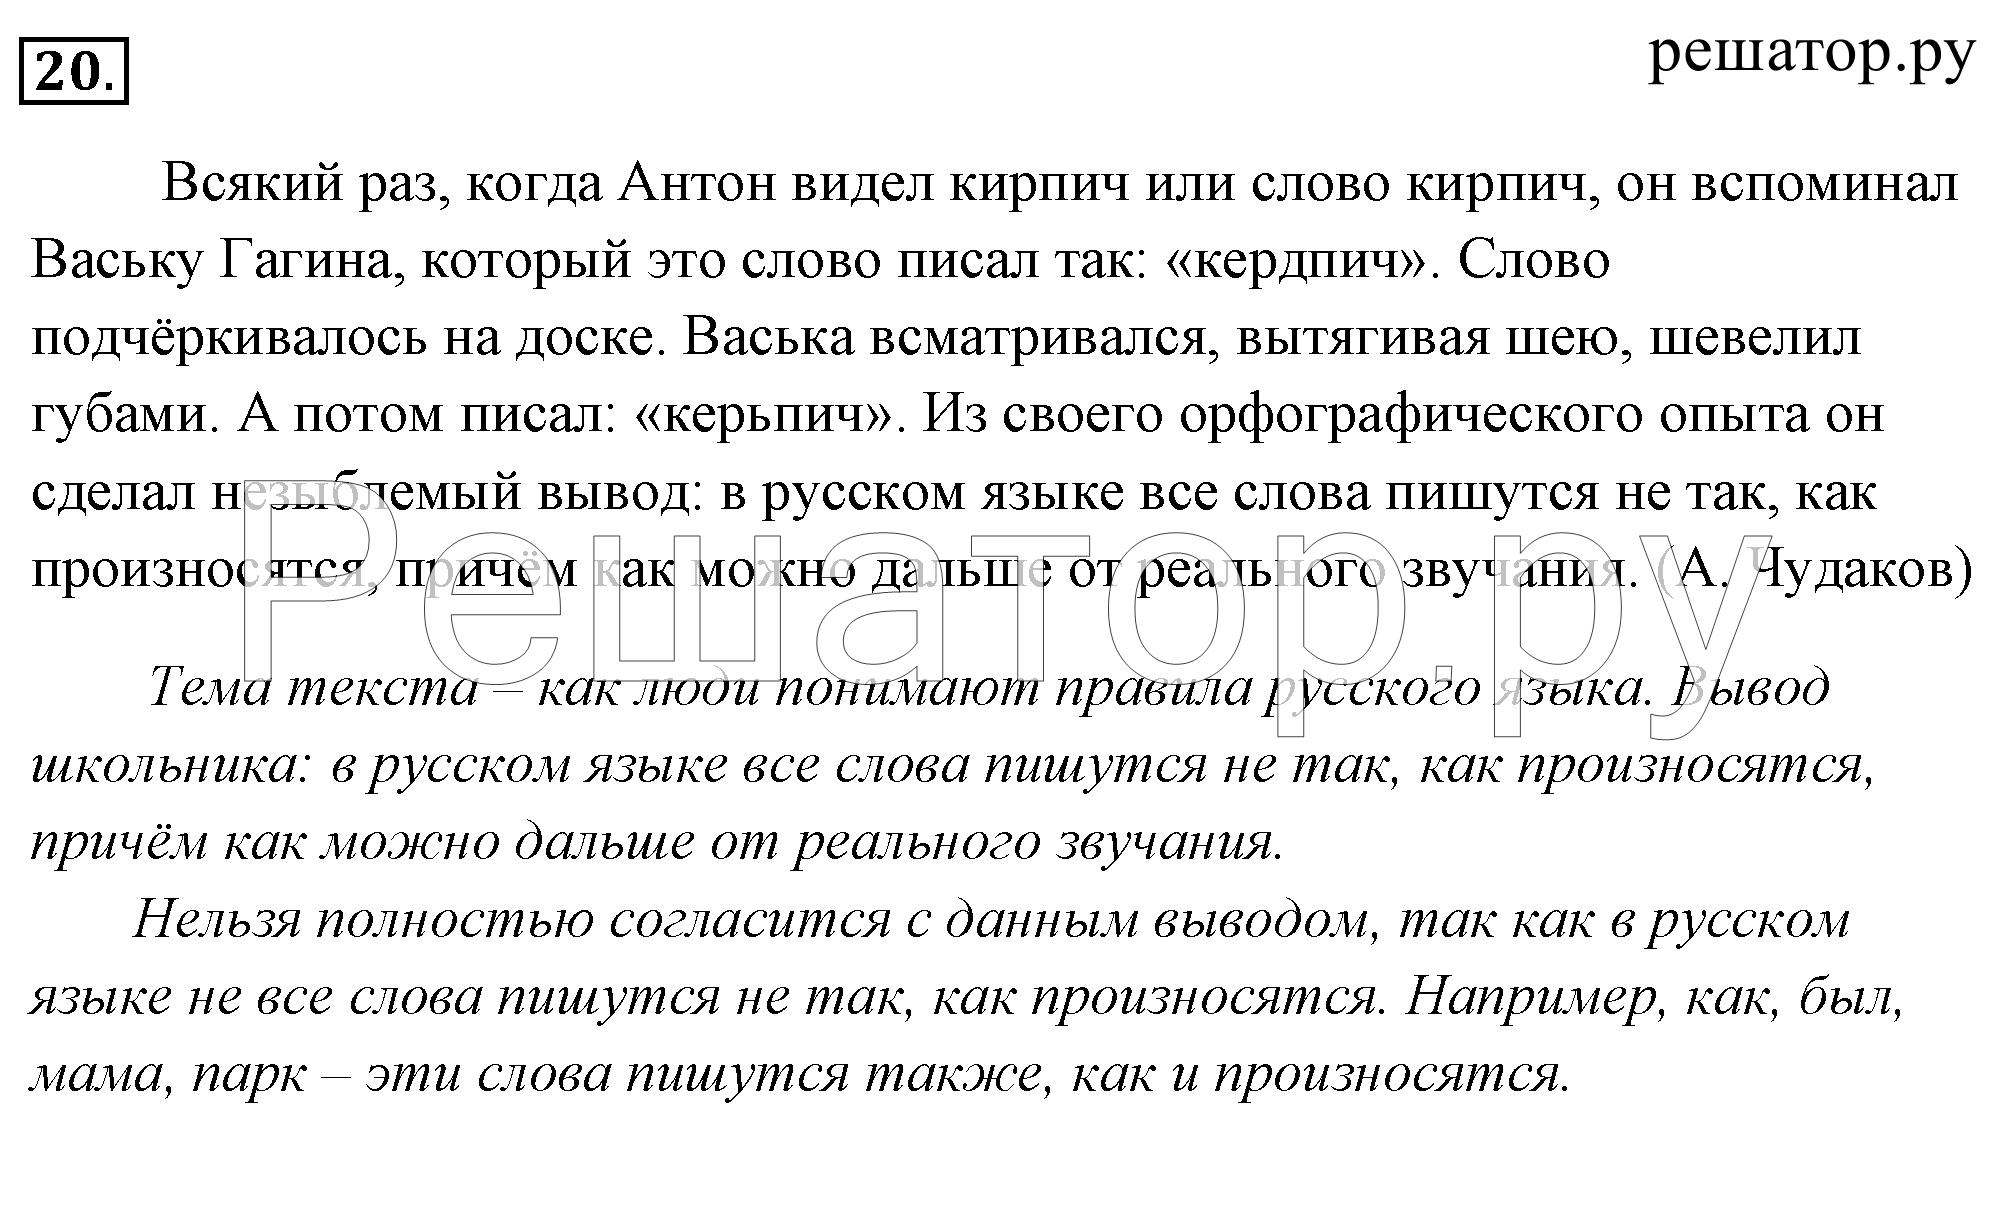 Смотреть гдз по русскому языку 5 класс ладыженская баранов тростенцова 1 часть решебник